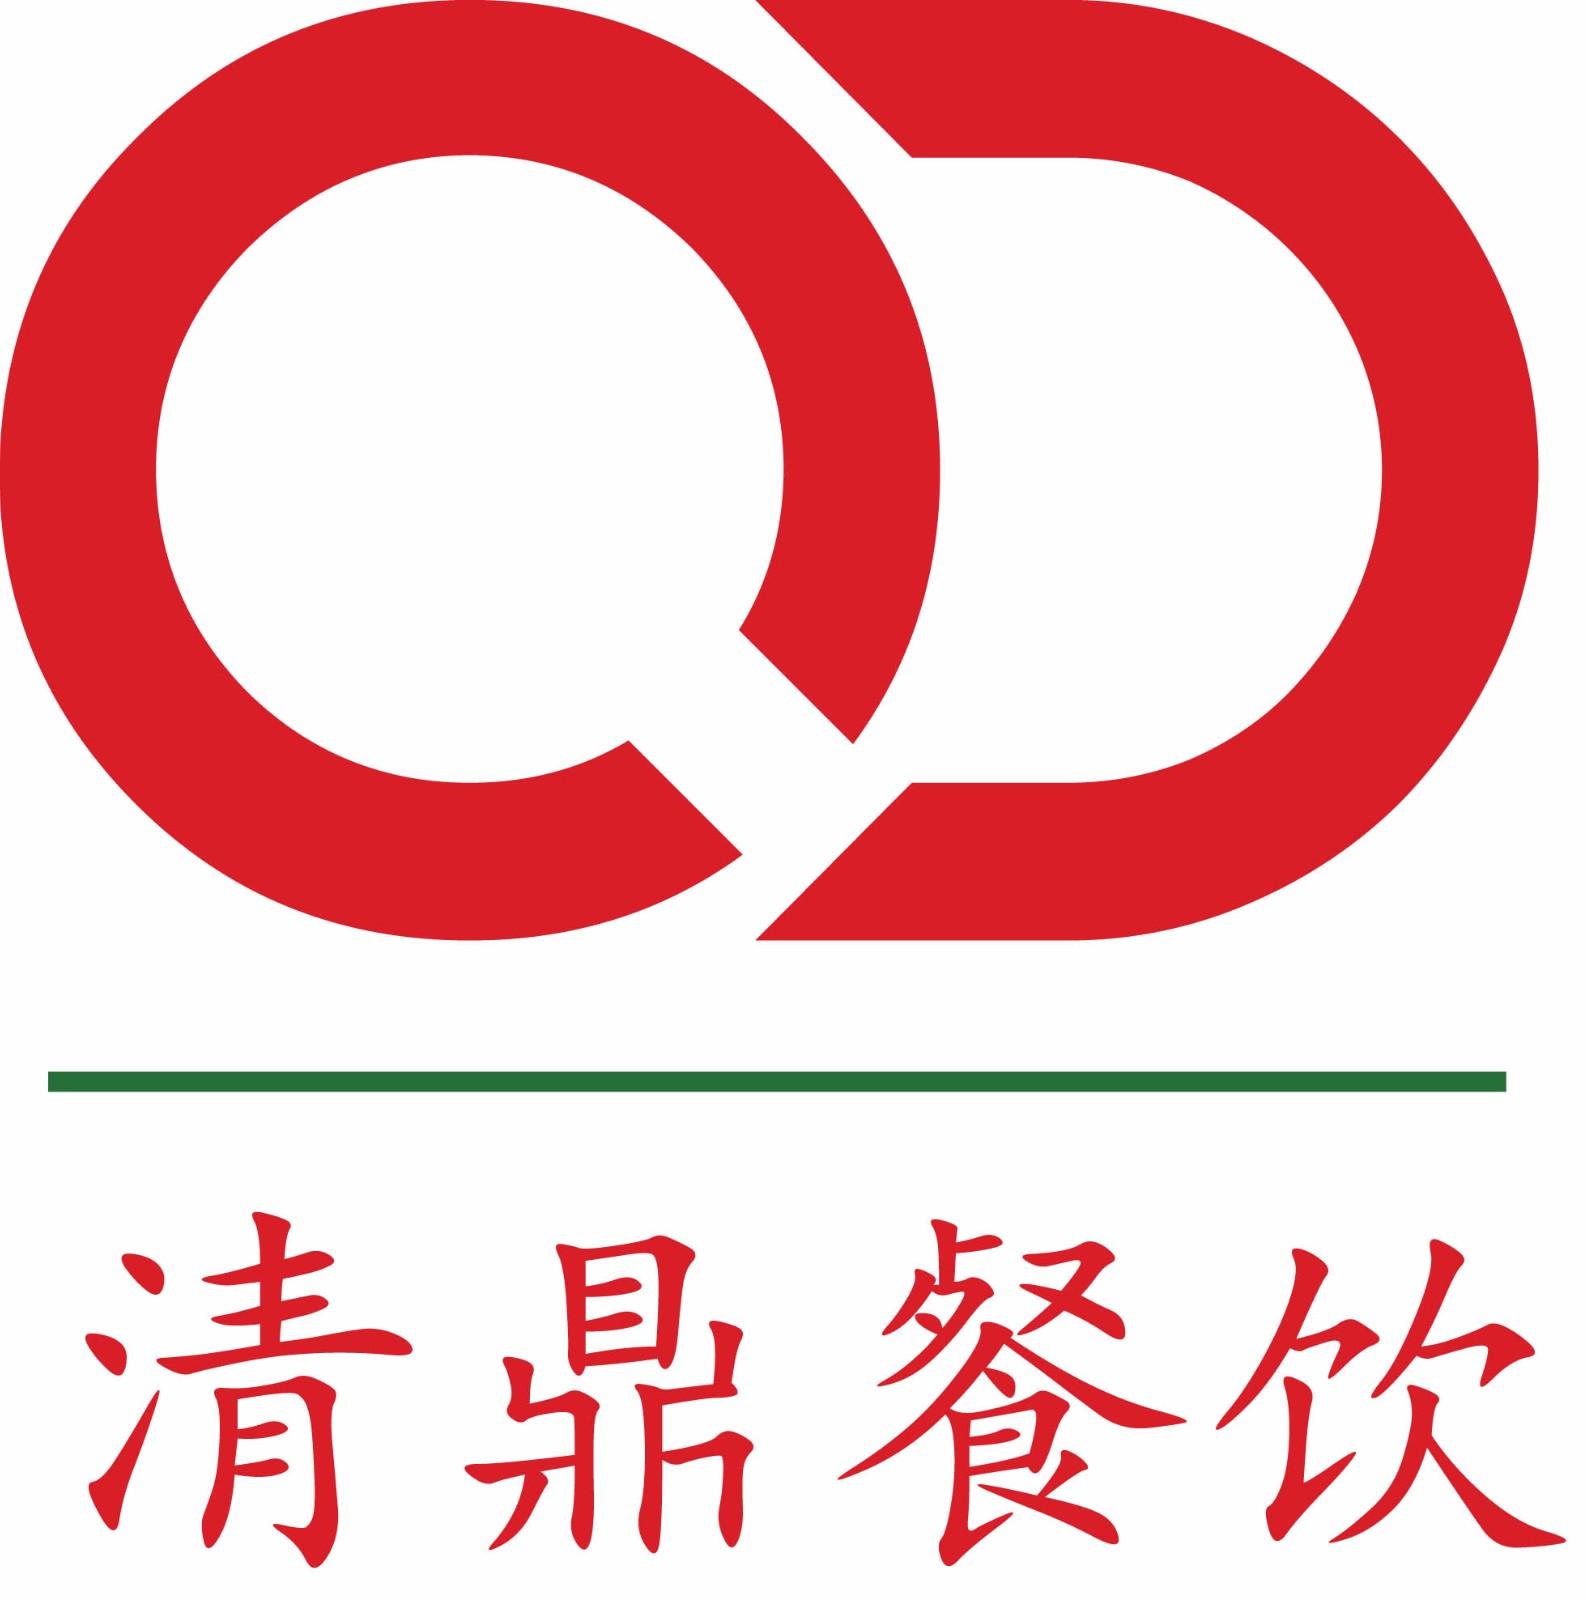 重庆清鼎餐饮集团有限公司